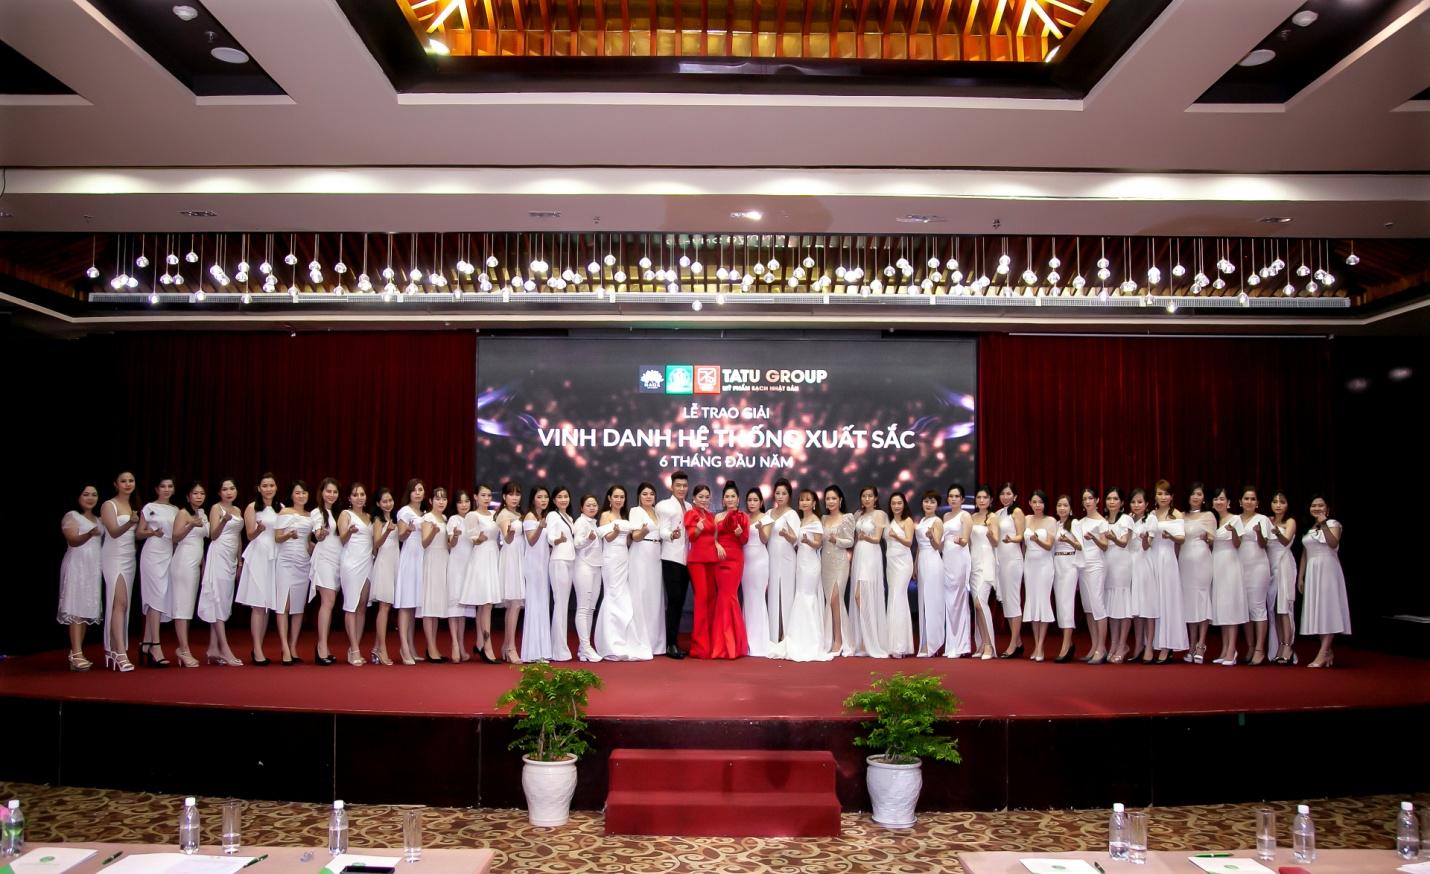 Tatu Group chi tiền tỷ trao thưởng cho hệ thống trong 6 tháng đầu năm - Ảnh 1